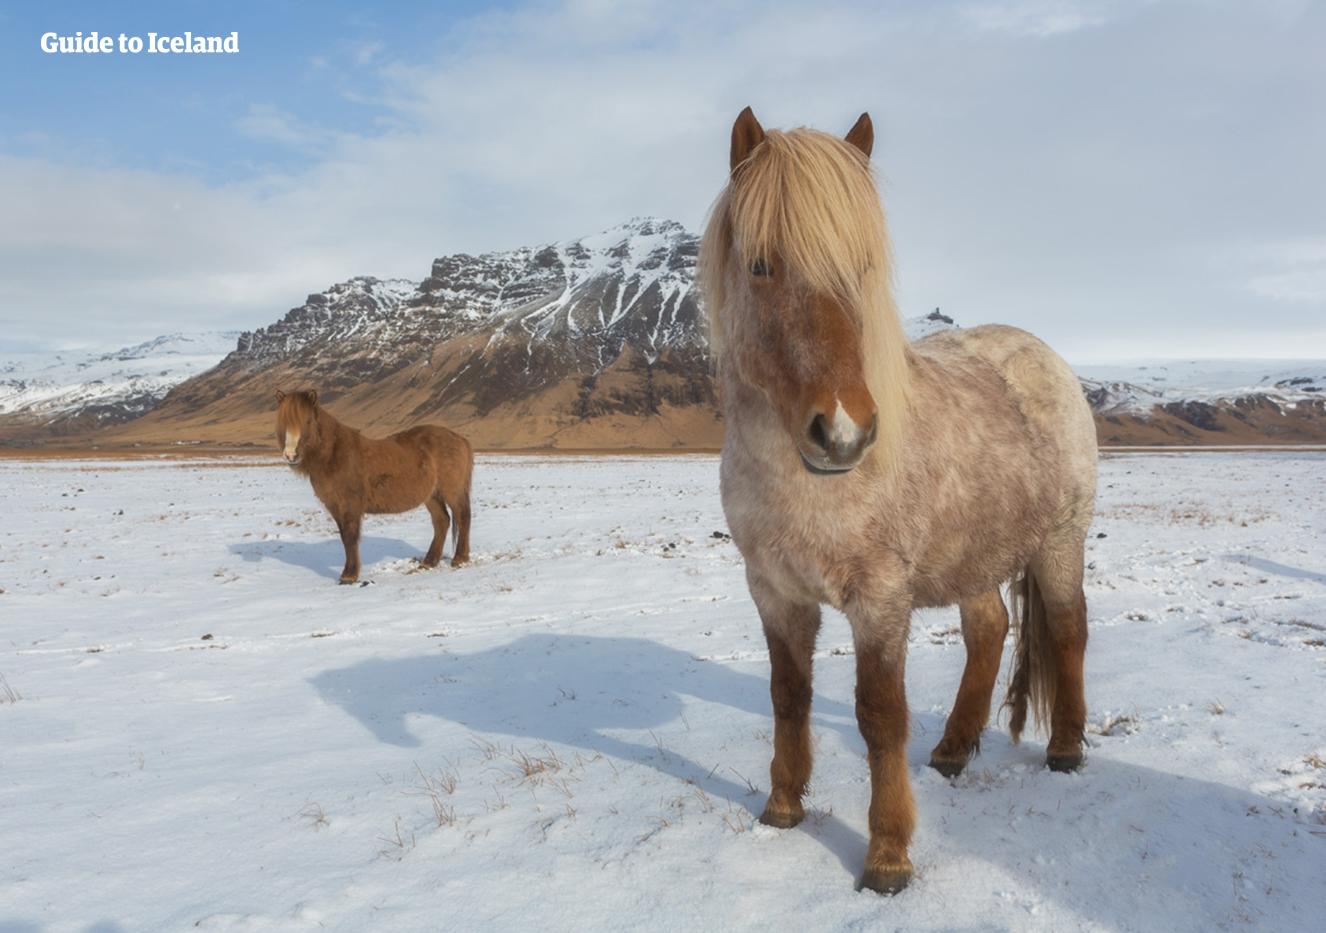 Les chevaux islandais par une journée d'hiver.